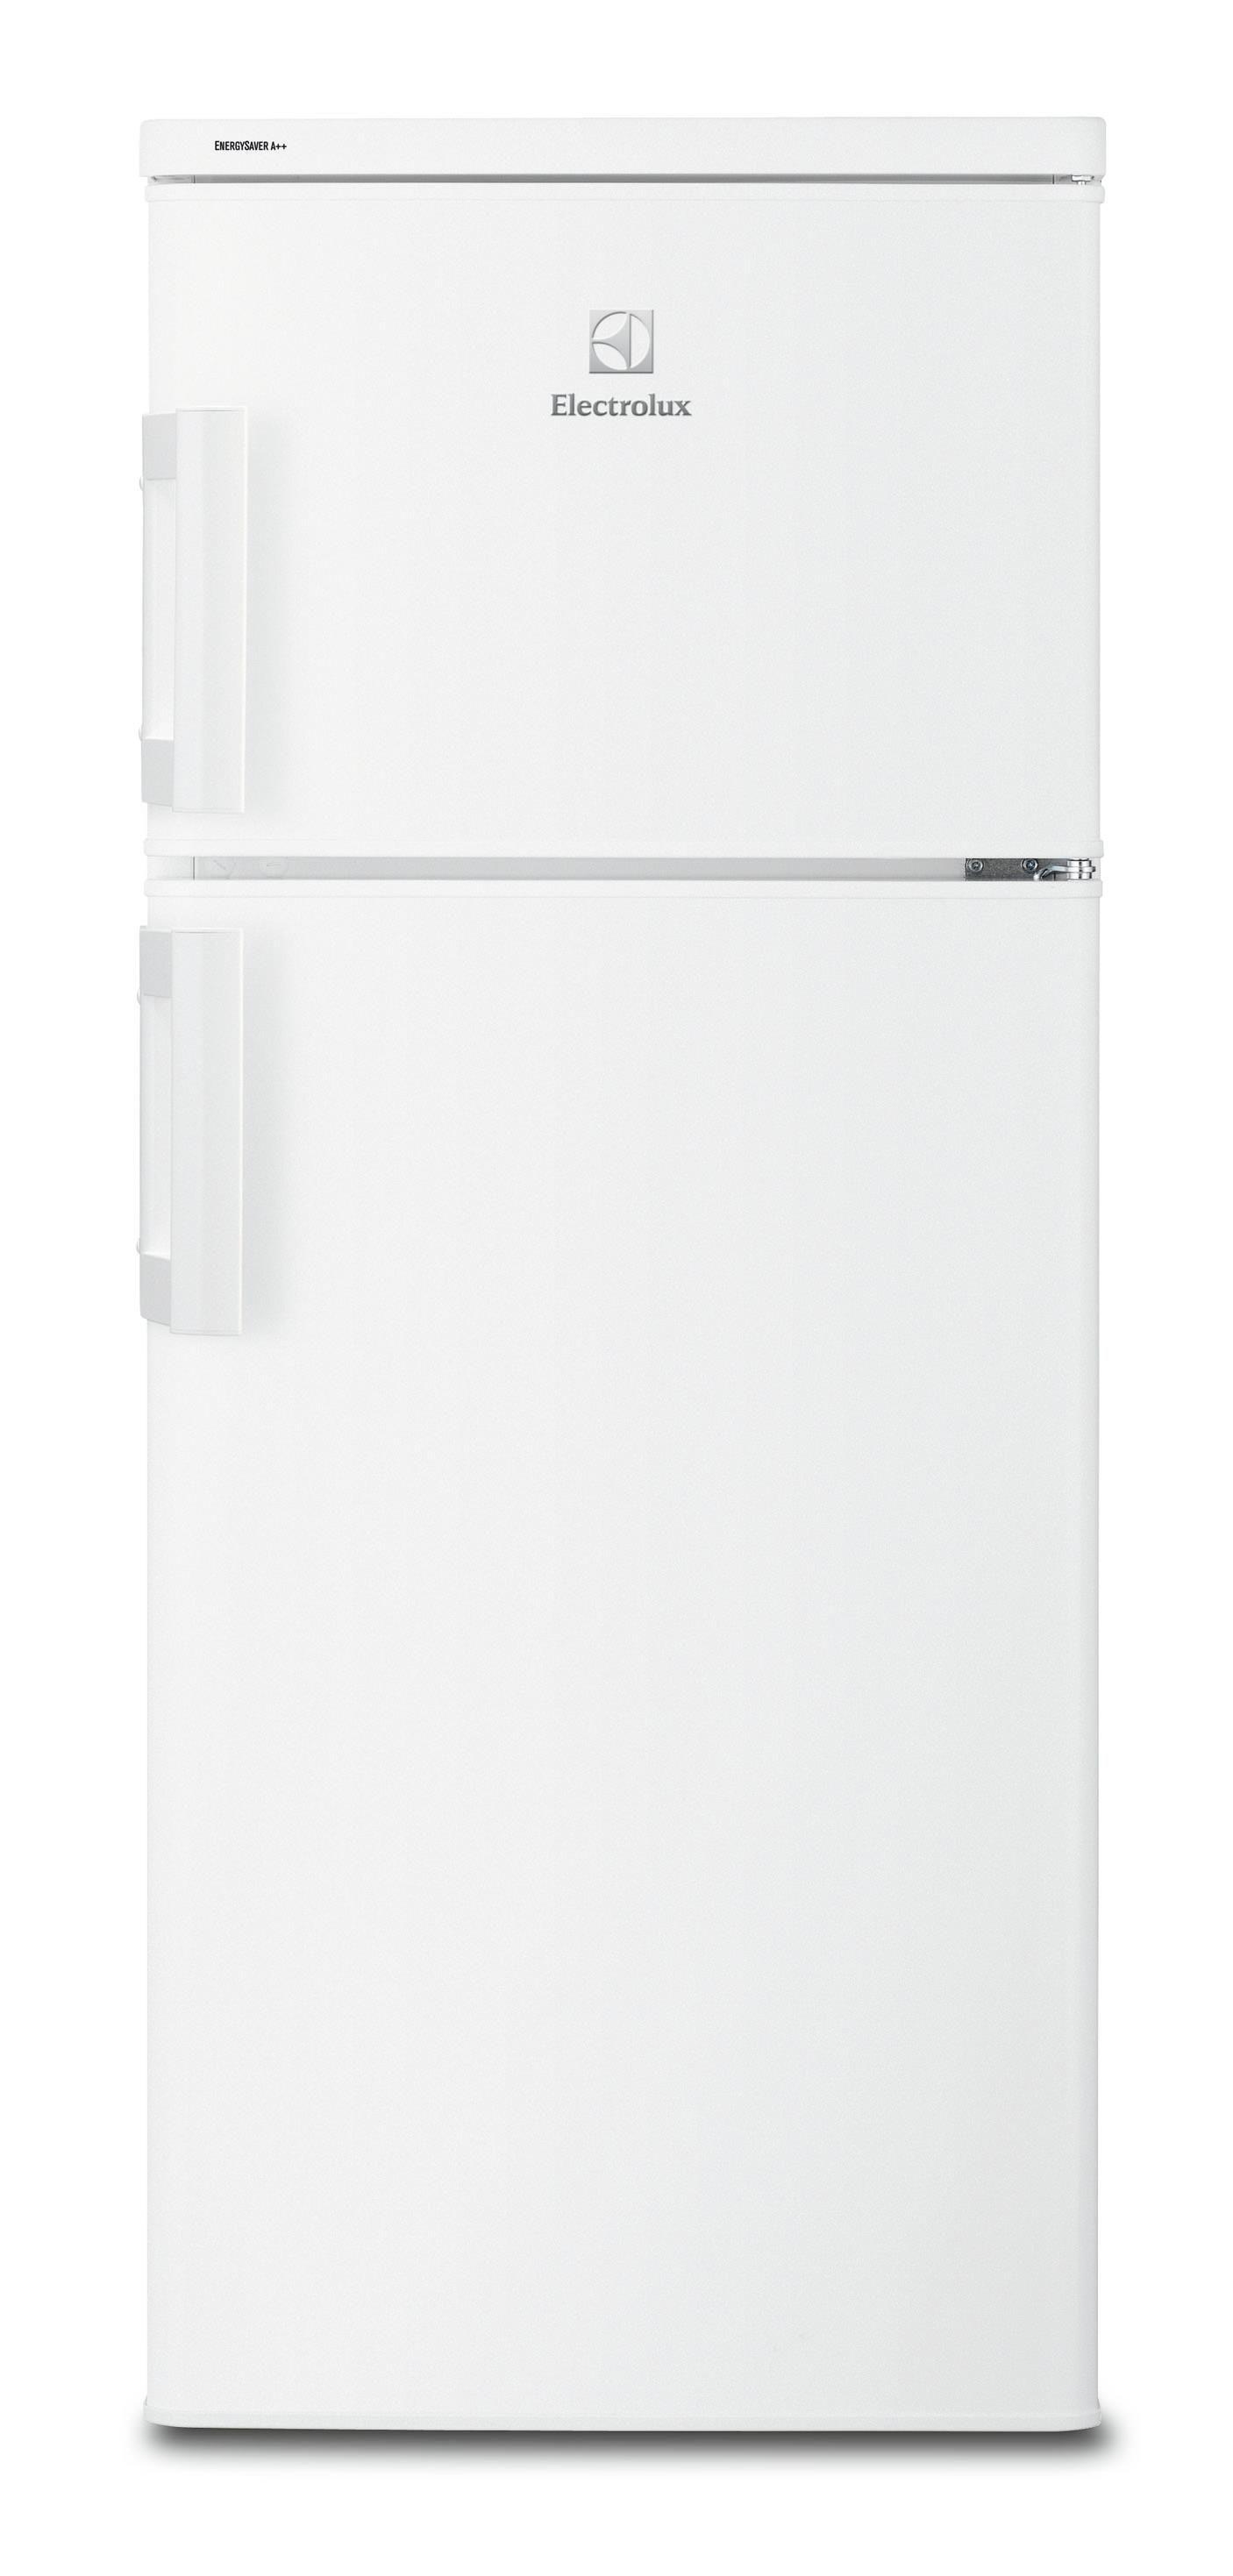 Electrolux EJ2302AOW2 Frigorifero Freestanding 184L Classe A++ Bianco